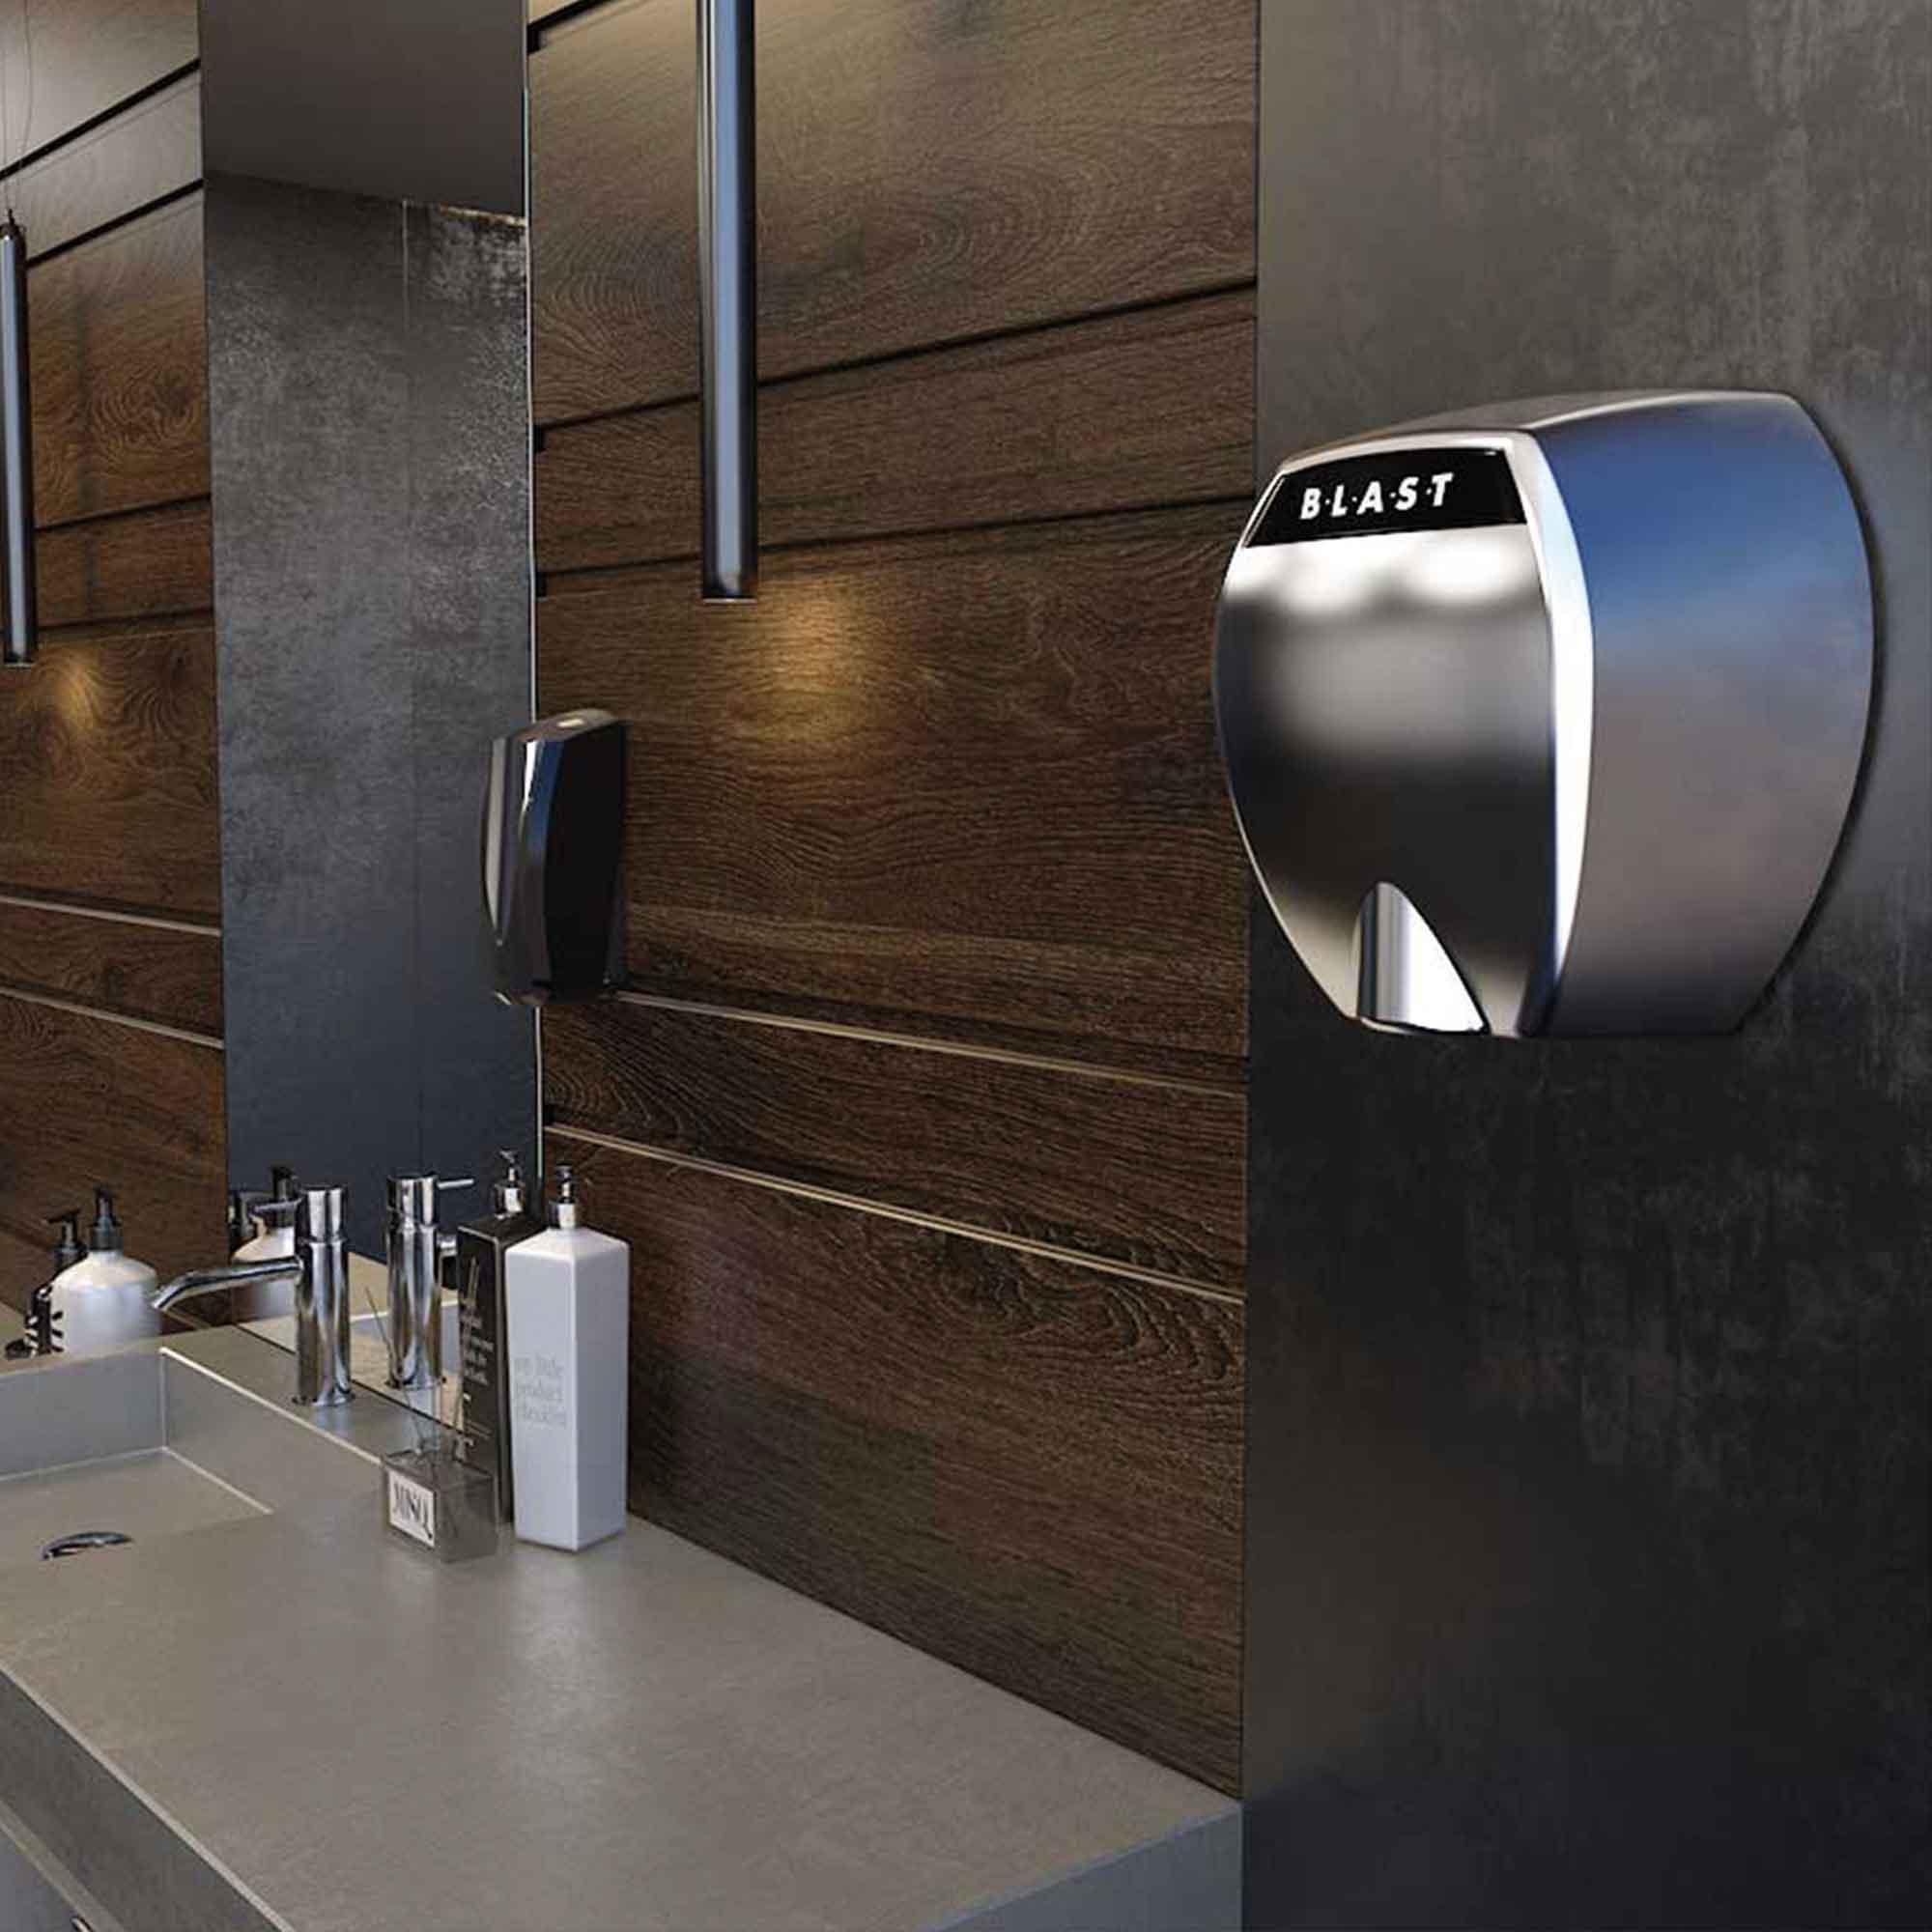 Blast Hand Dryer